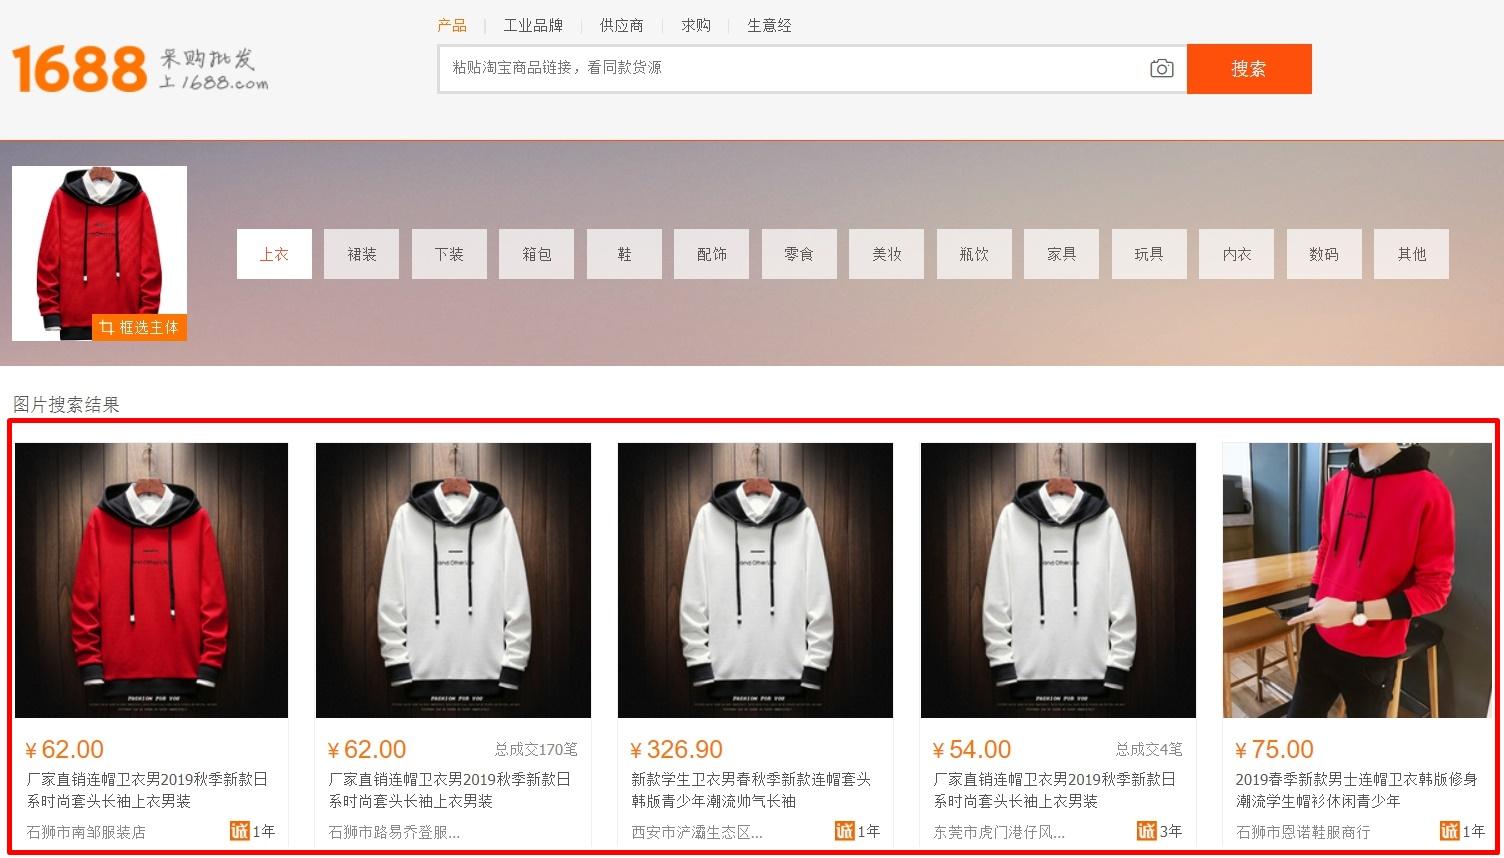 中国輸入・画像検索の方法